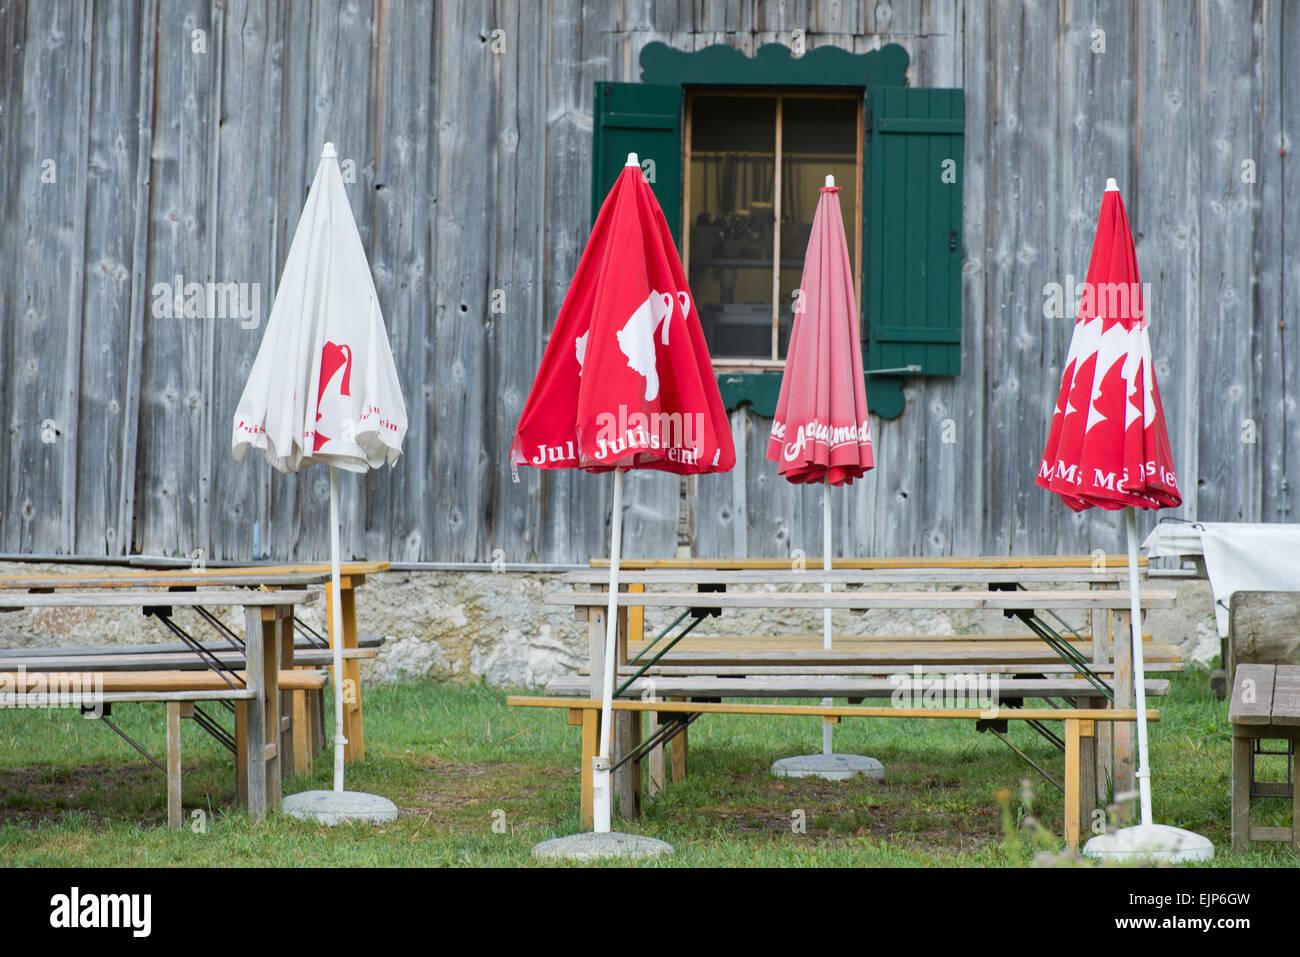 Sonnenschirme vor Jagdhaus Seewiese, Altaussee, Salzkammergut, Ausseerland, Styria, Austria Stock Photo